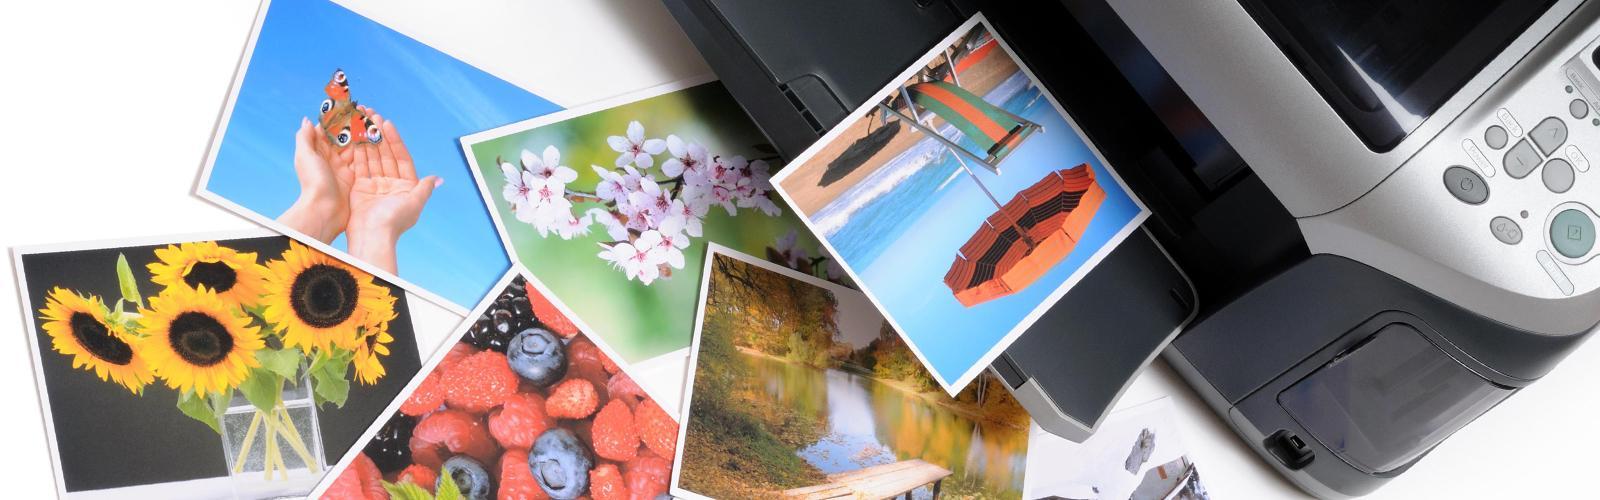 Программы для создания и редактирования фотографий ружье делалось